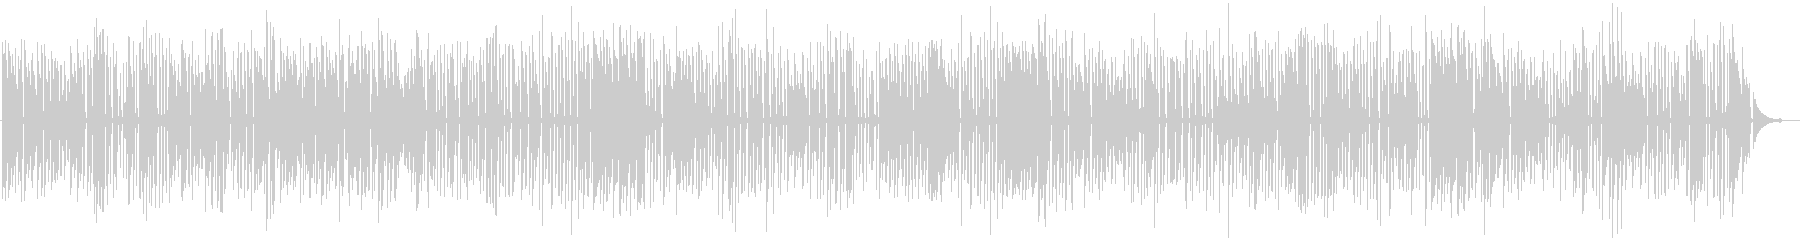 ジャズラウンジのおしゃれなソロピアノの未再生の波形